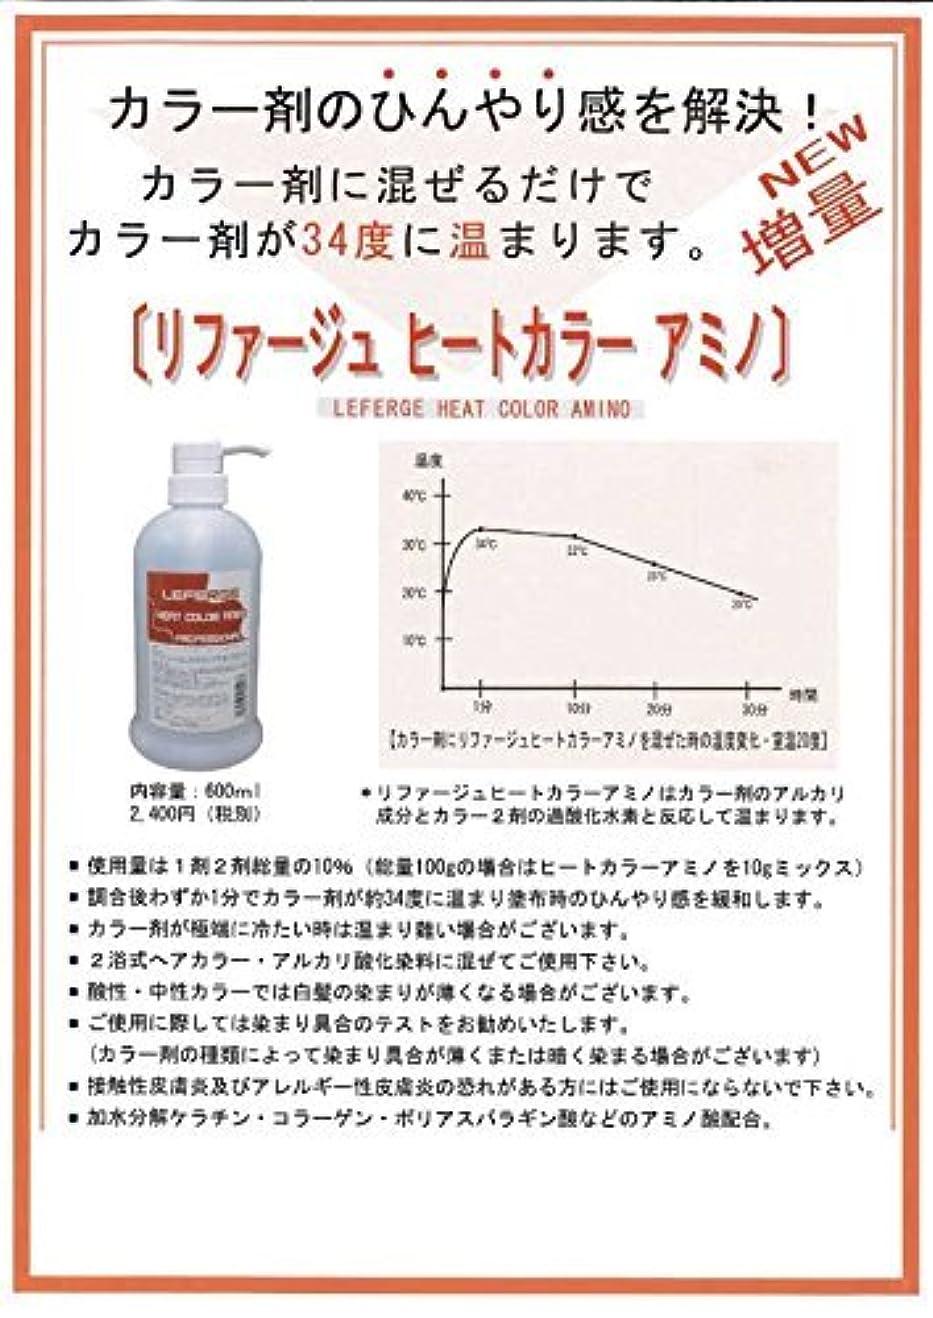 食い違いルーチン因子リファージュ ヒートカラーアミノ 600ml